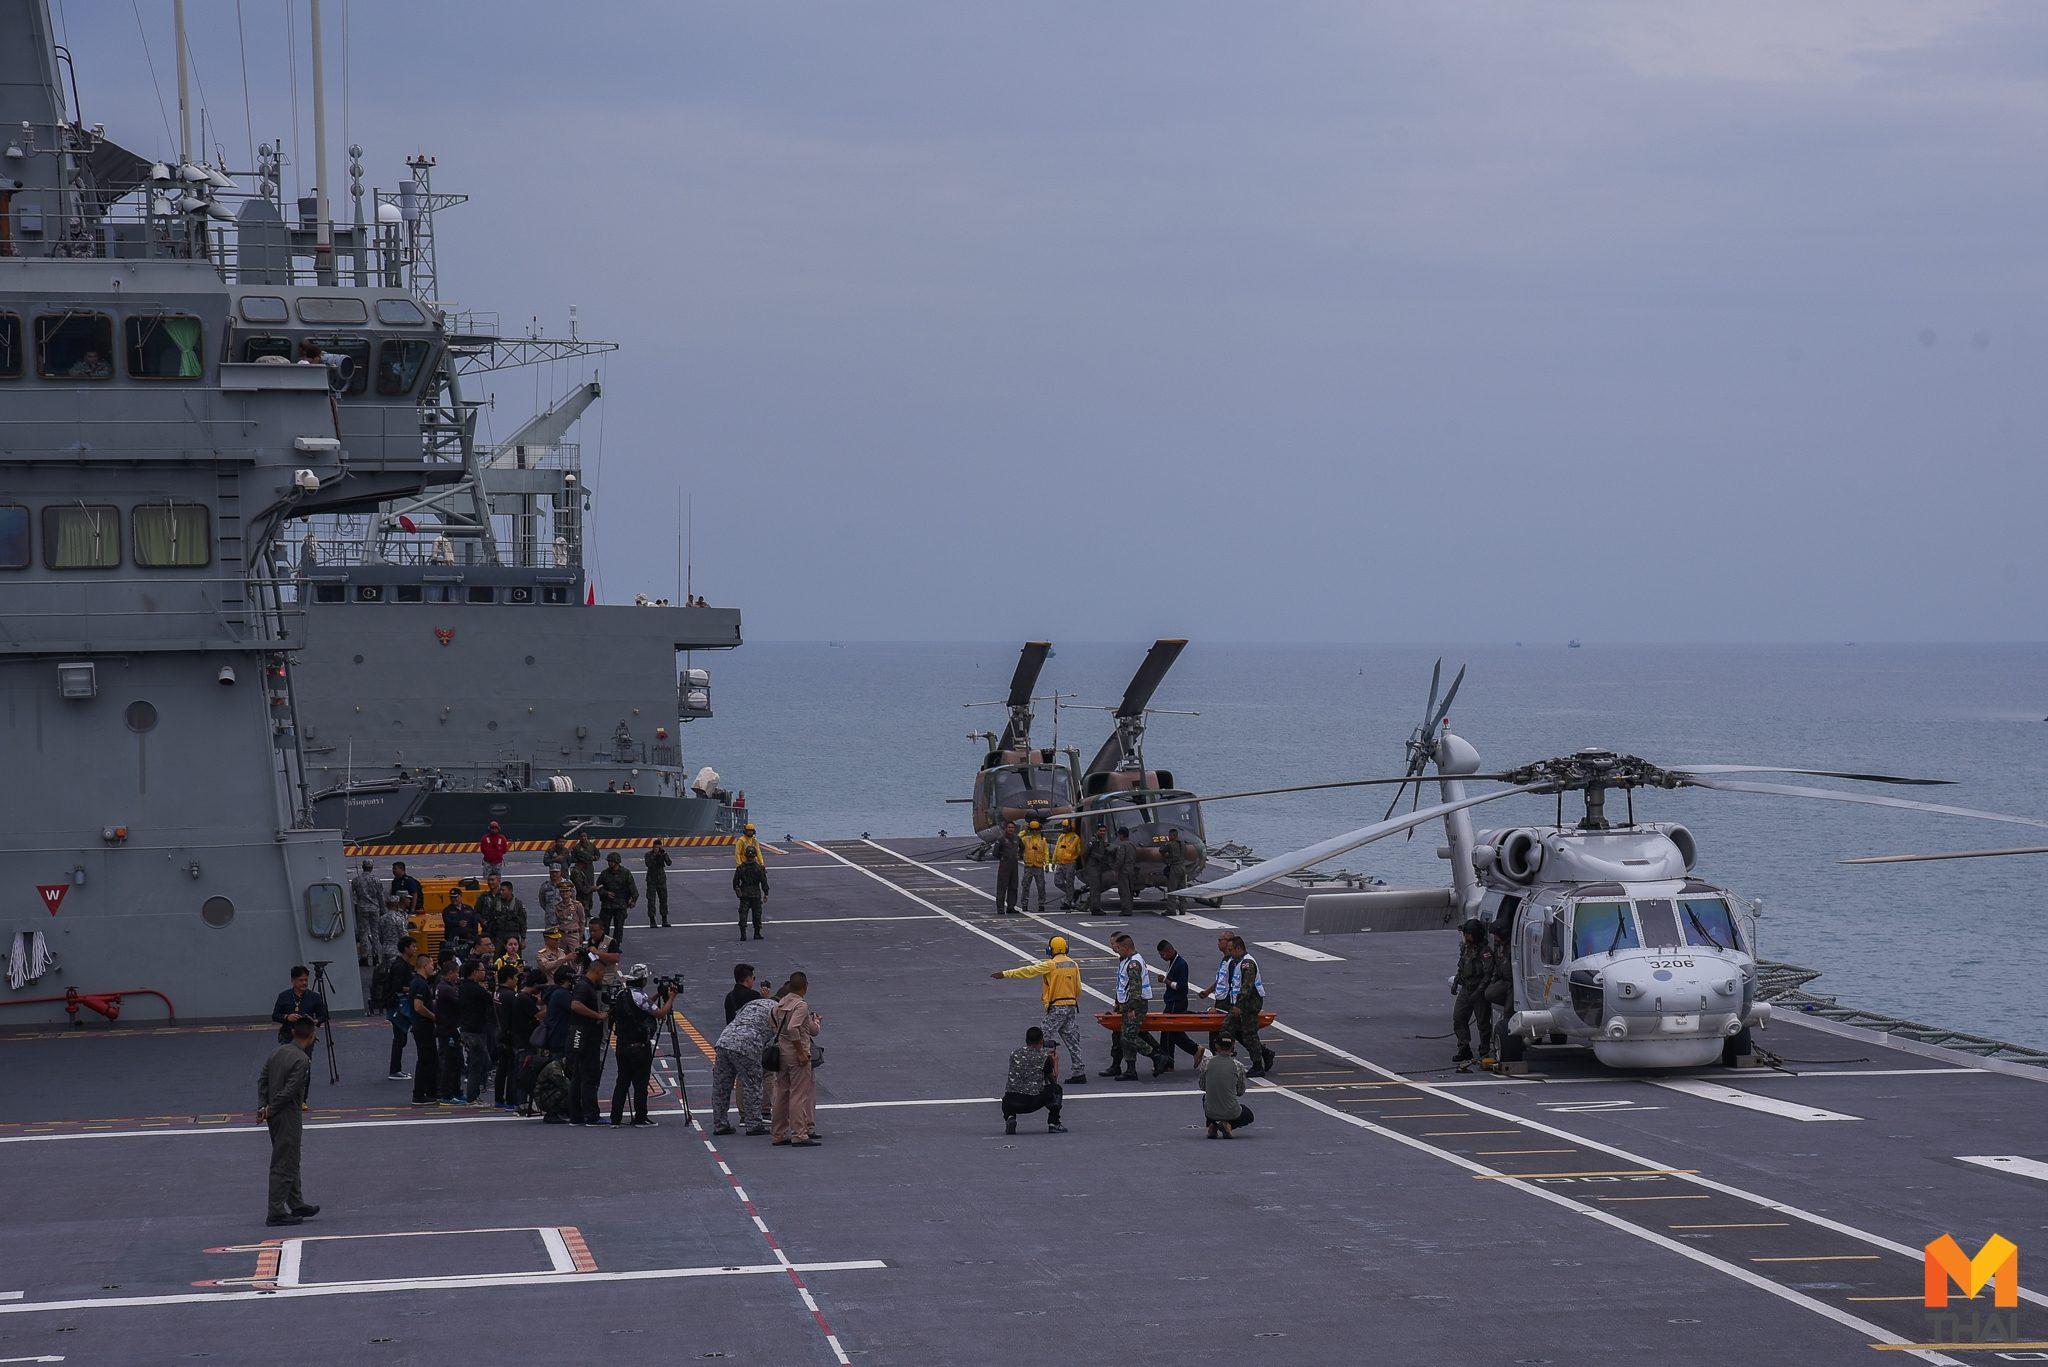 ประมวลภาพ เรือหลวงจักรีนฤเบศร ลงใต้ช่วยผู้ประสบภัยพายุ 'ปาบึก'